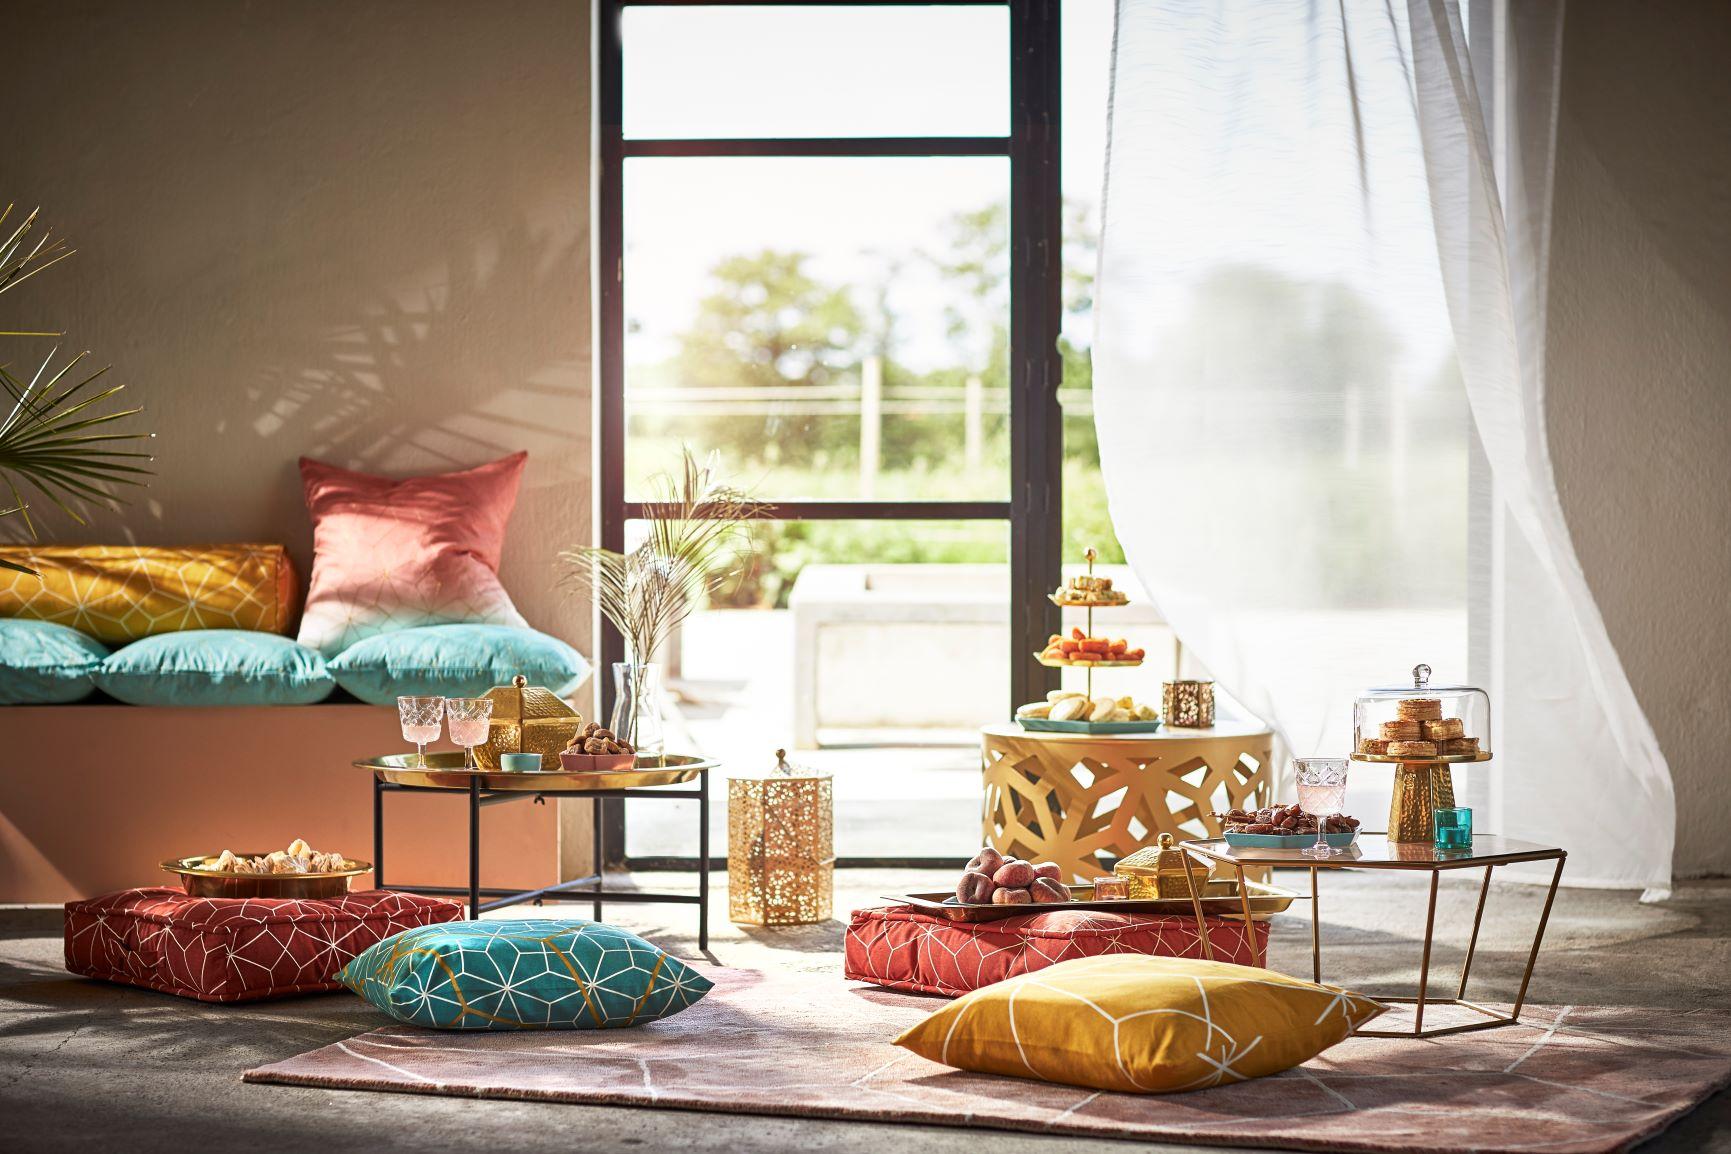 ايكيا تعرض تشكيلة أثاتLJUVالجديدة الخاصة بشهر رمضان 2020